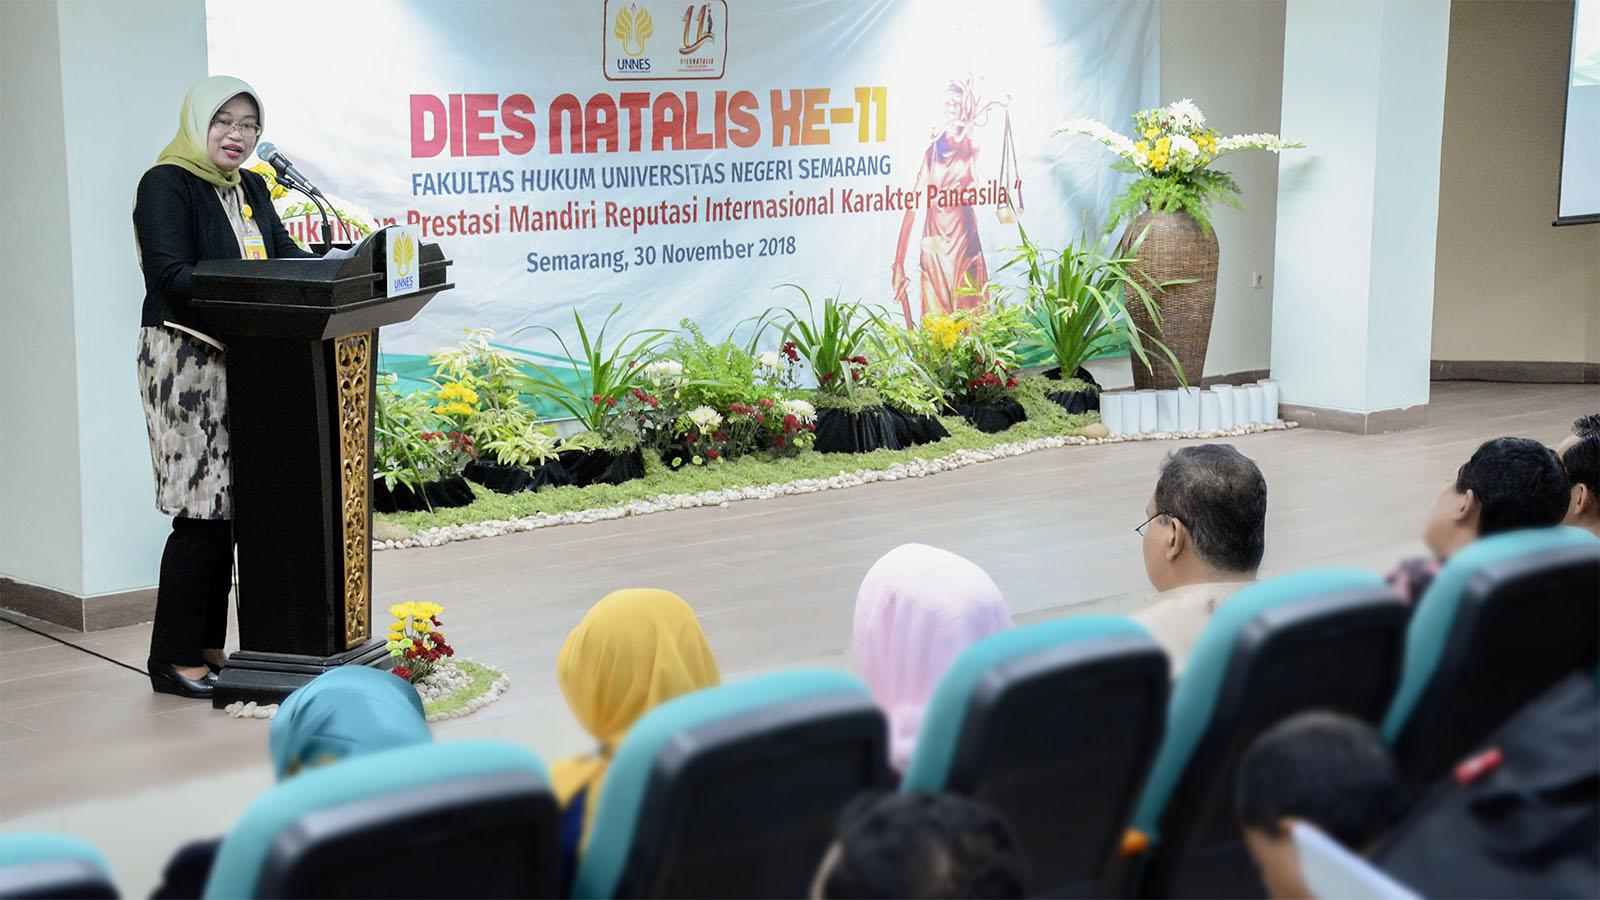 Akselerasi Publikasi Ilmiah, Fakultas Hukum Luncurkan 3 Jurnal Baru